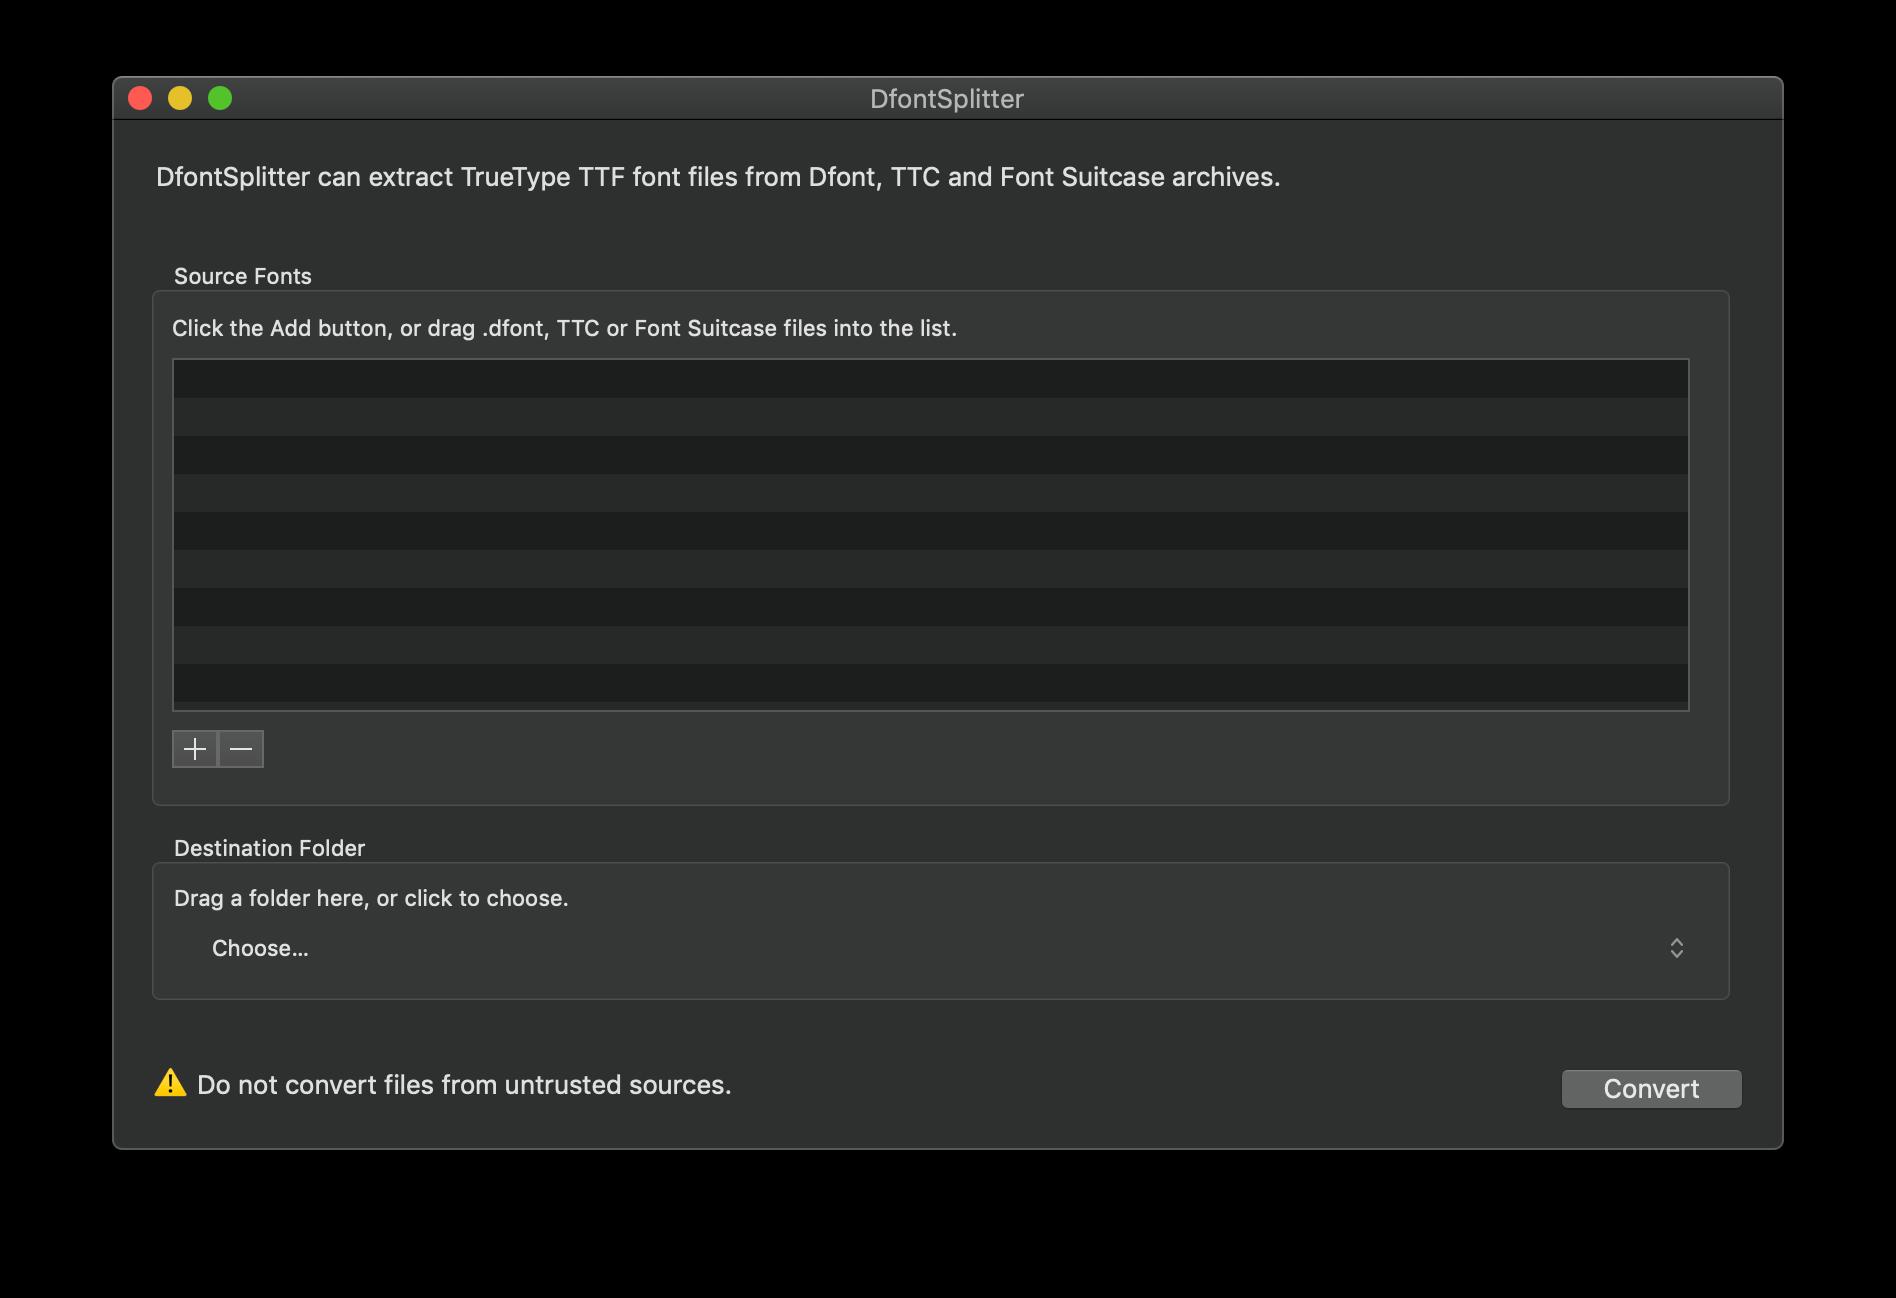 DfontSplitter for Mac